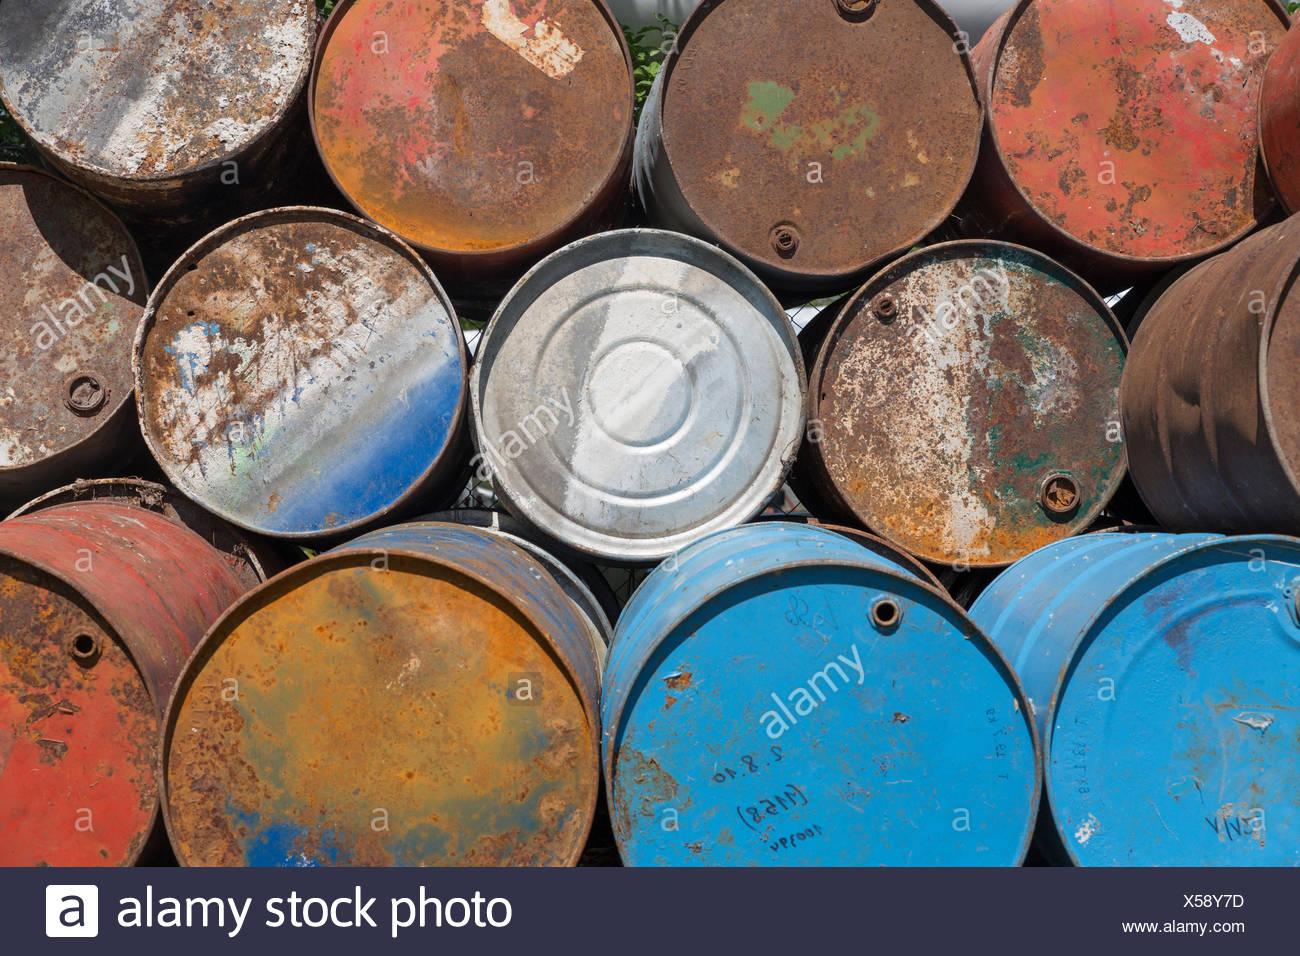 Beliebt Bevorzugt Benzinfass Stockfotos & Benzinfass Bilder - Alamy #IG_27